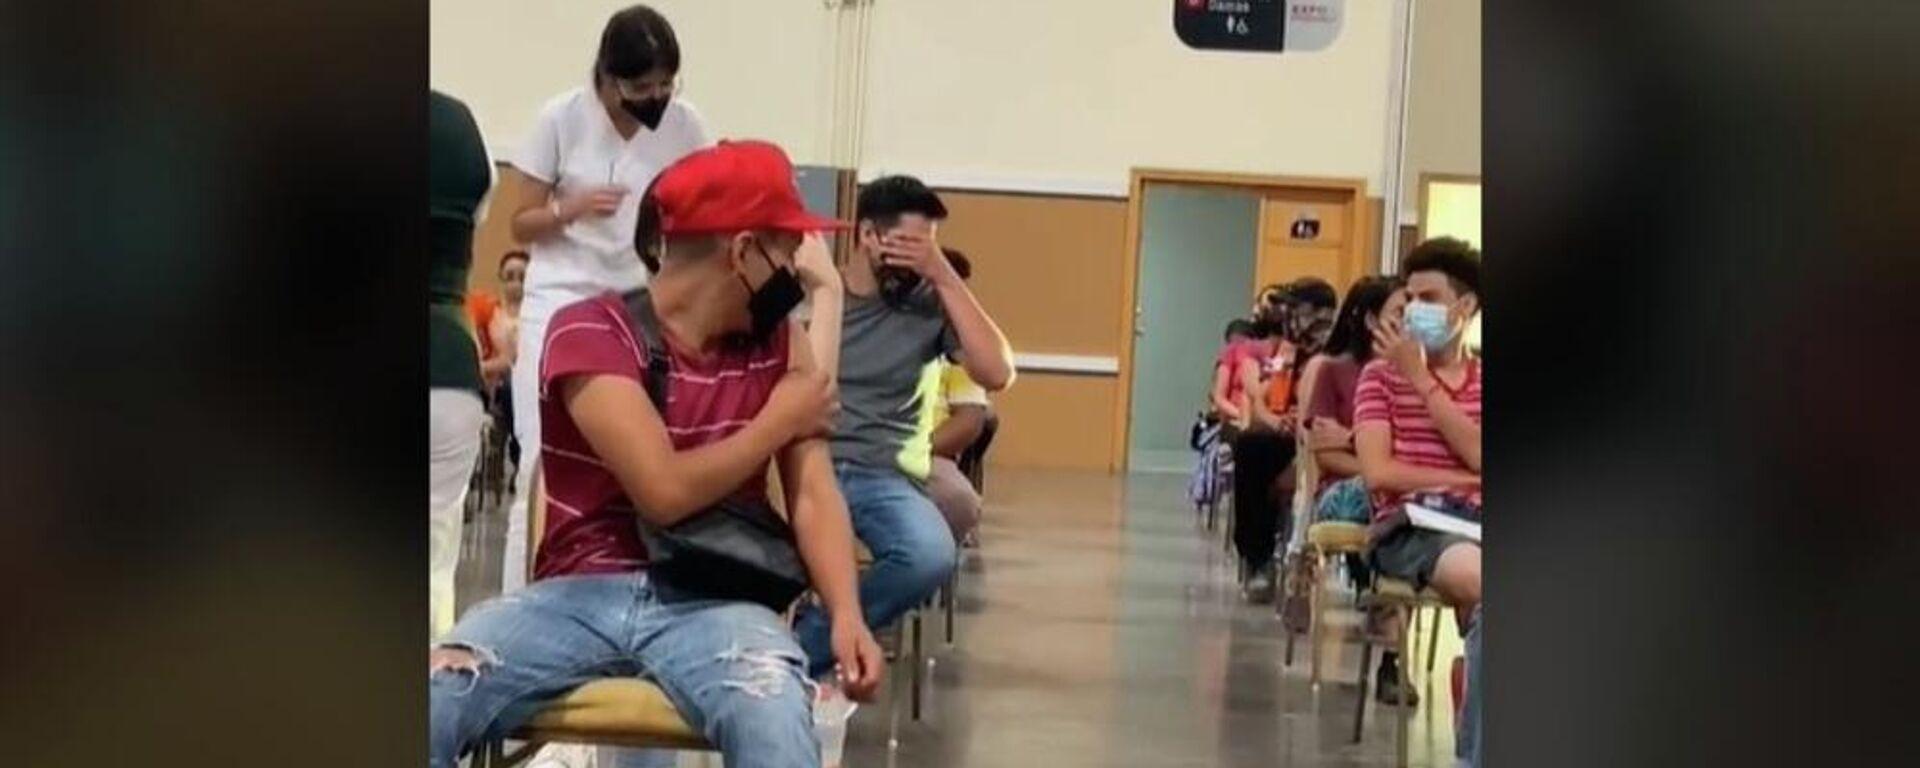 Άντρας στο Μεξικό φοβάται να κάνει το εμβόλιο και ουρλιάζει τρομοκρατημένος - Sputnik Ελλάδα, 1920, 31.07.2021